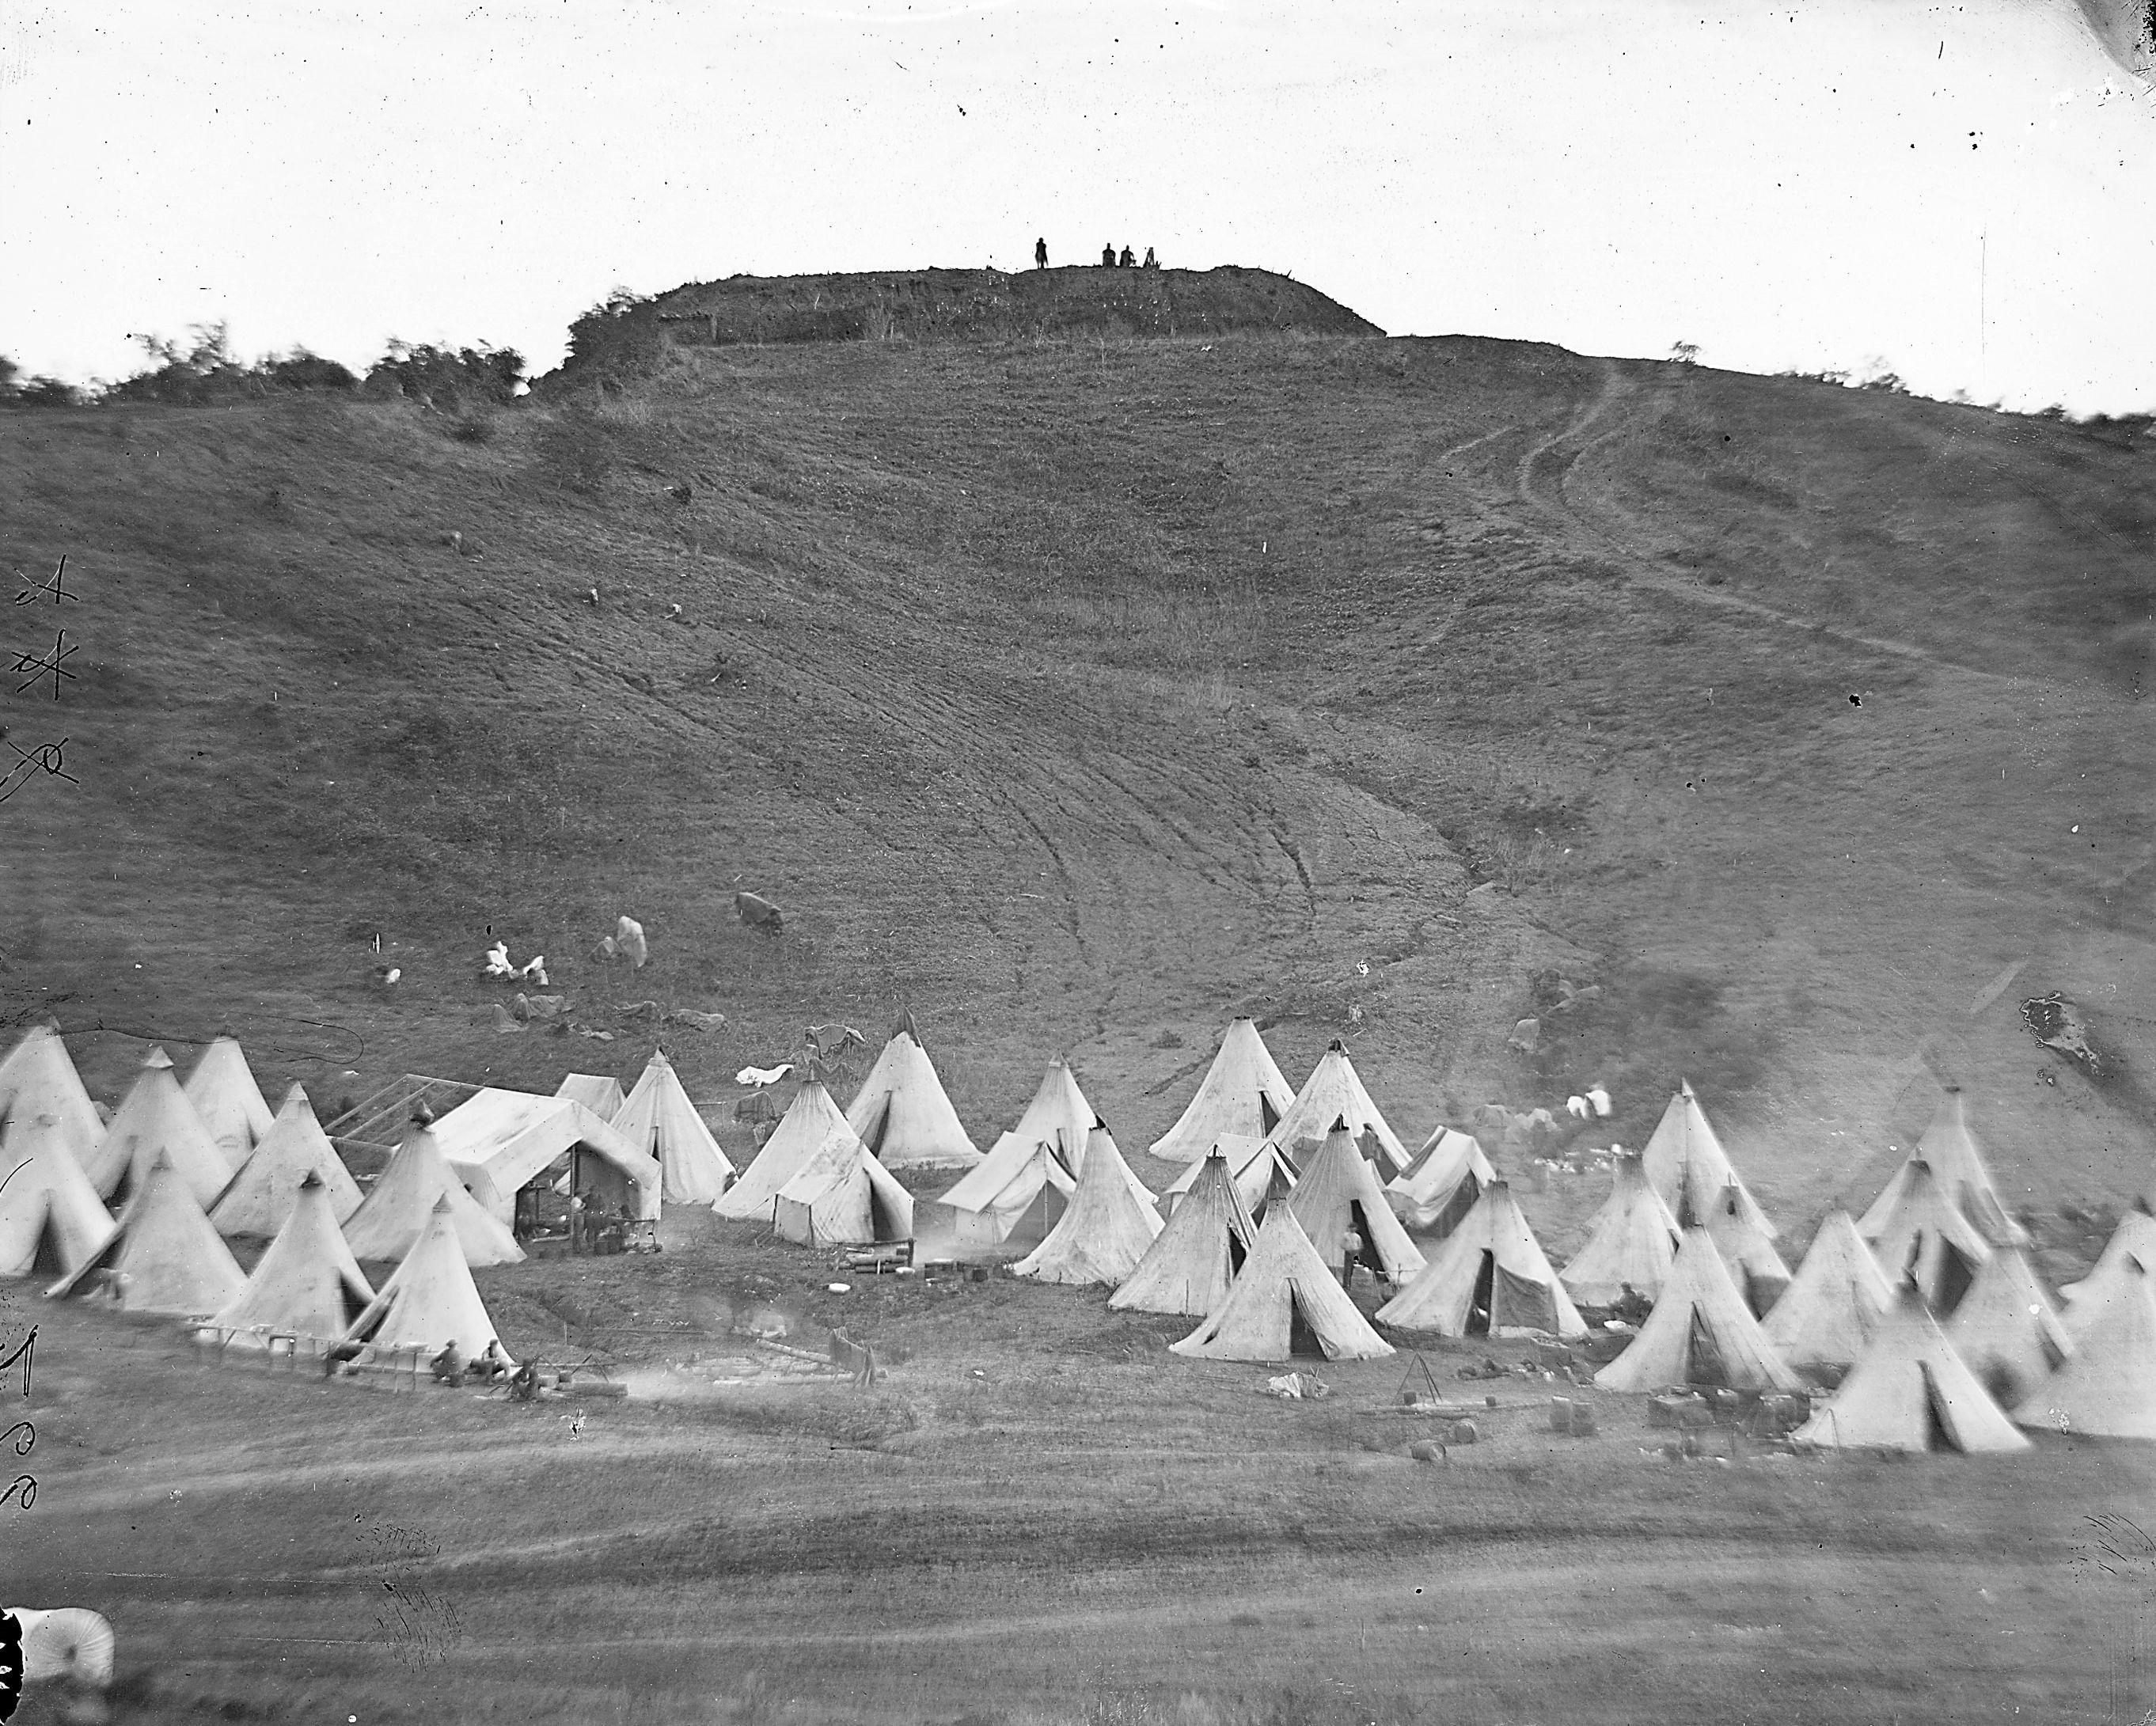 civil war photographs by mathew brady - Google Search